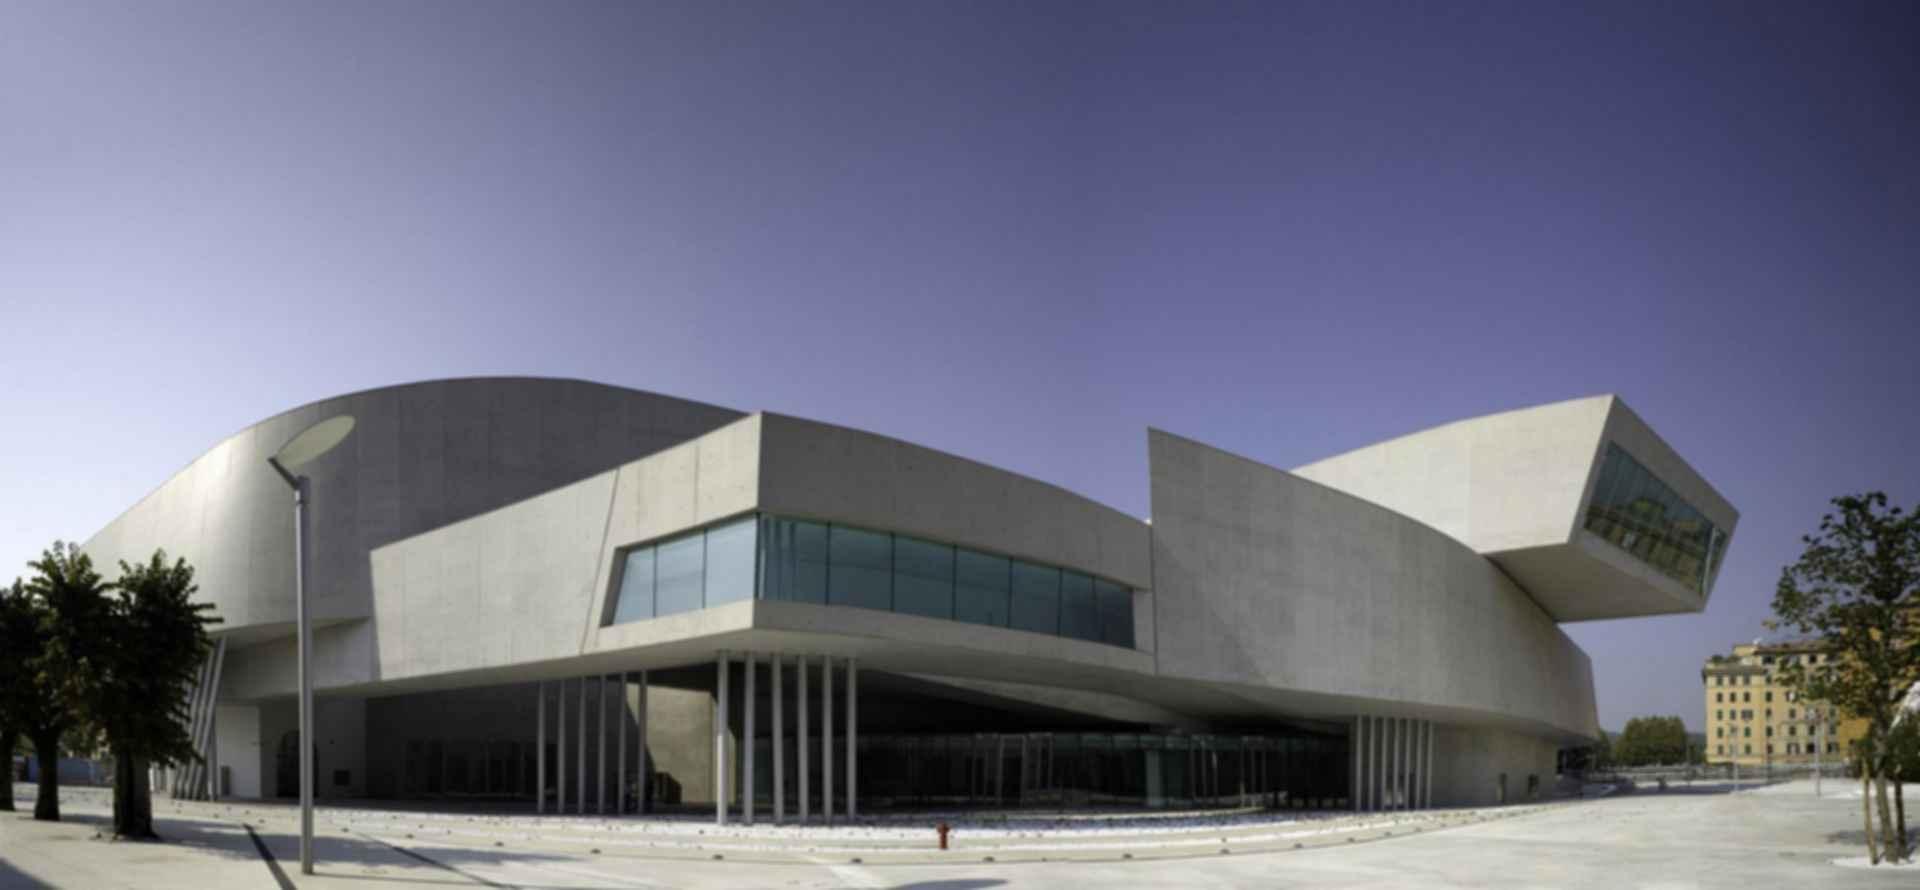 MAXXI Museum - Exterior